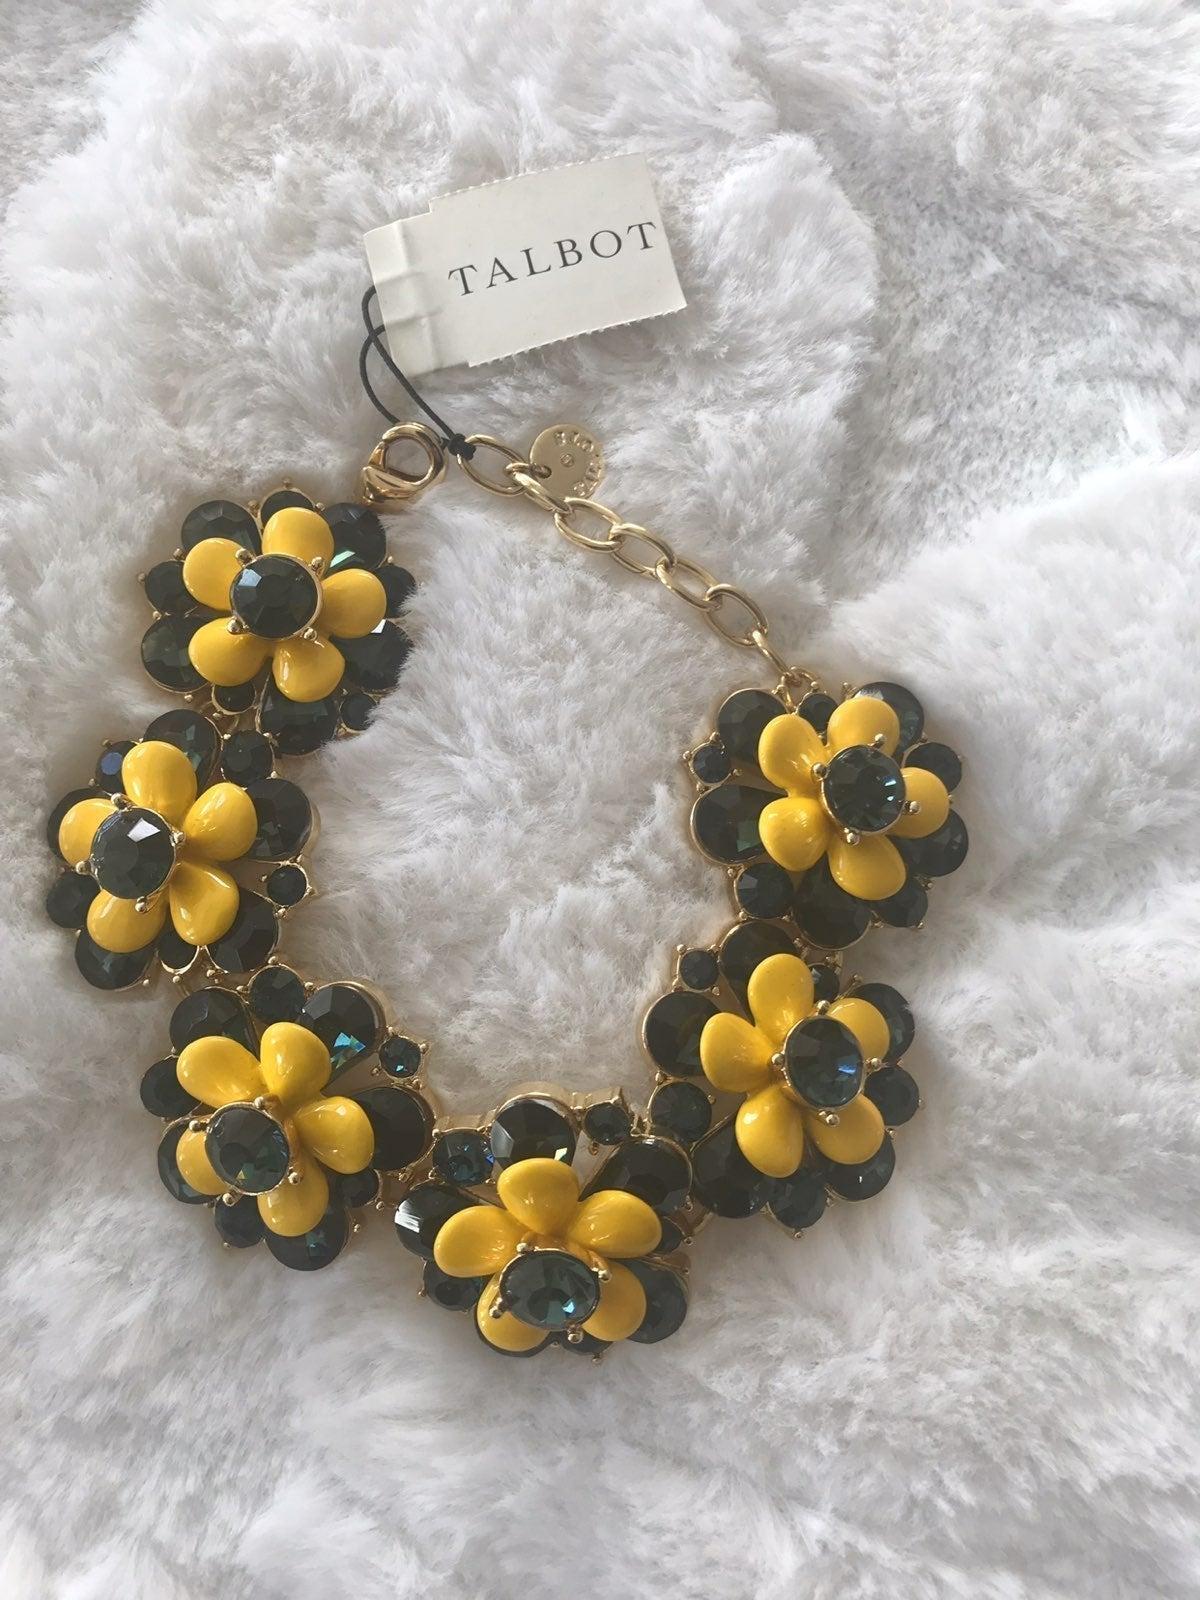 Talbots Sunflower Bracelet